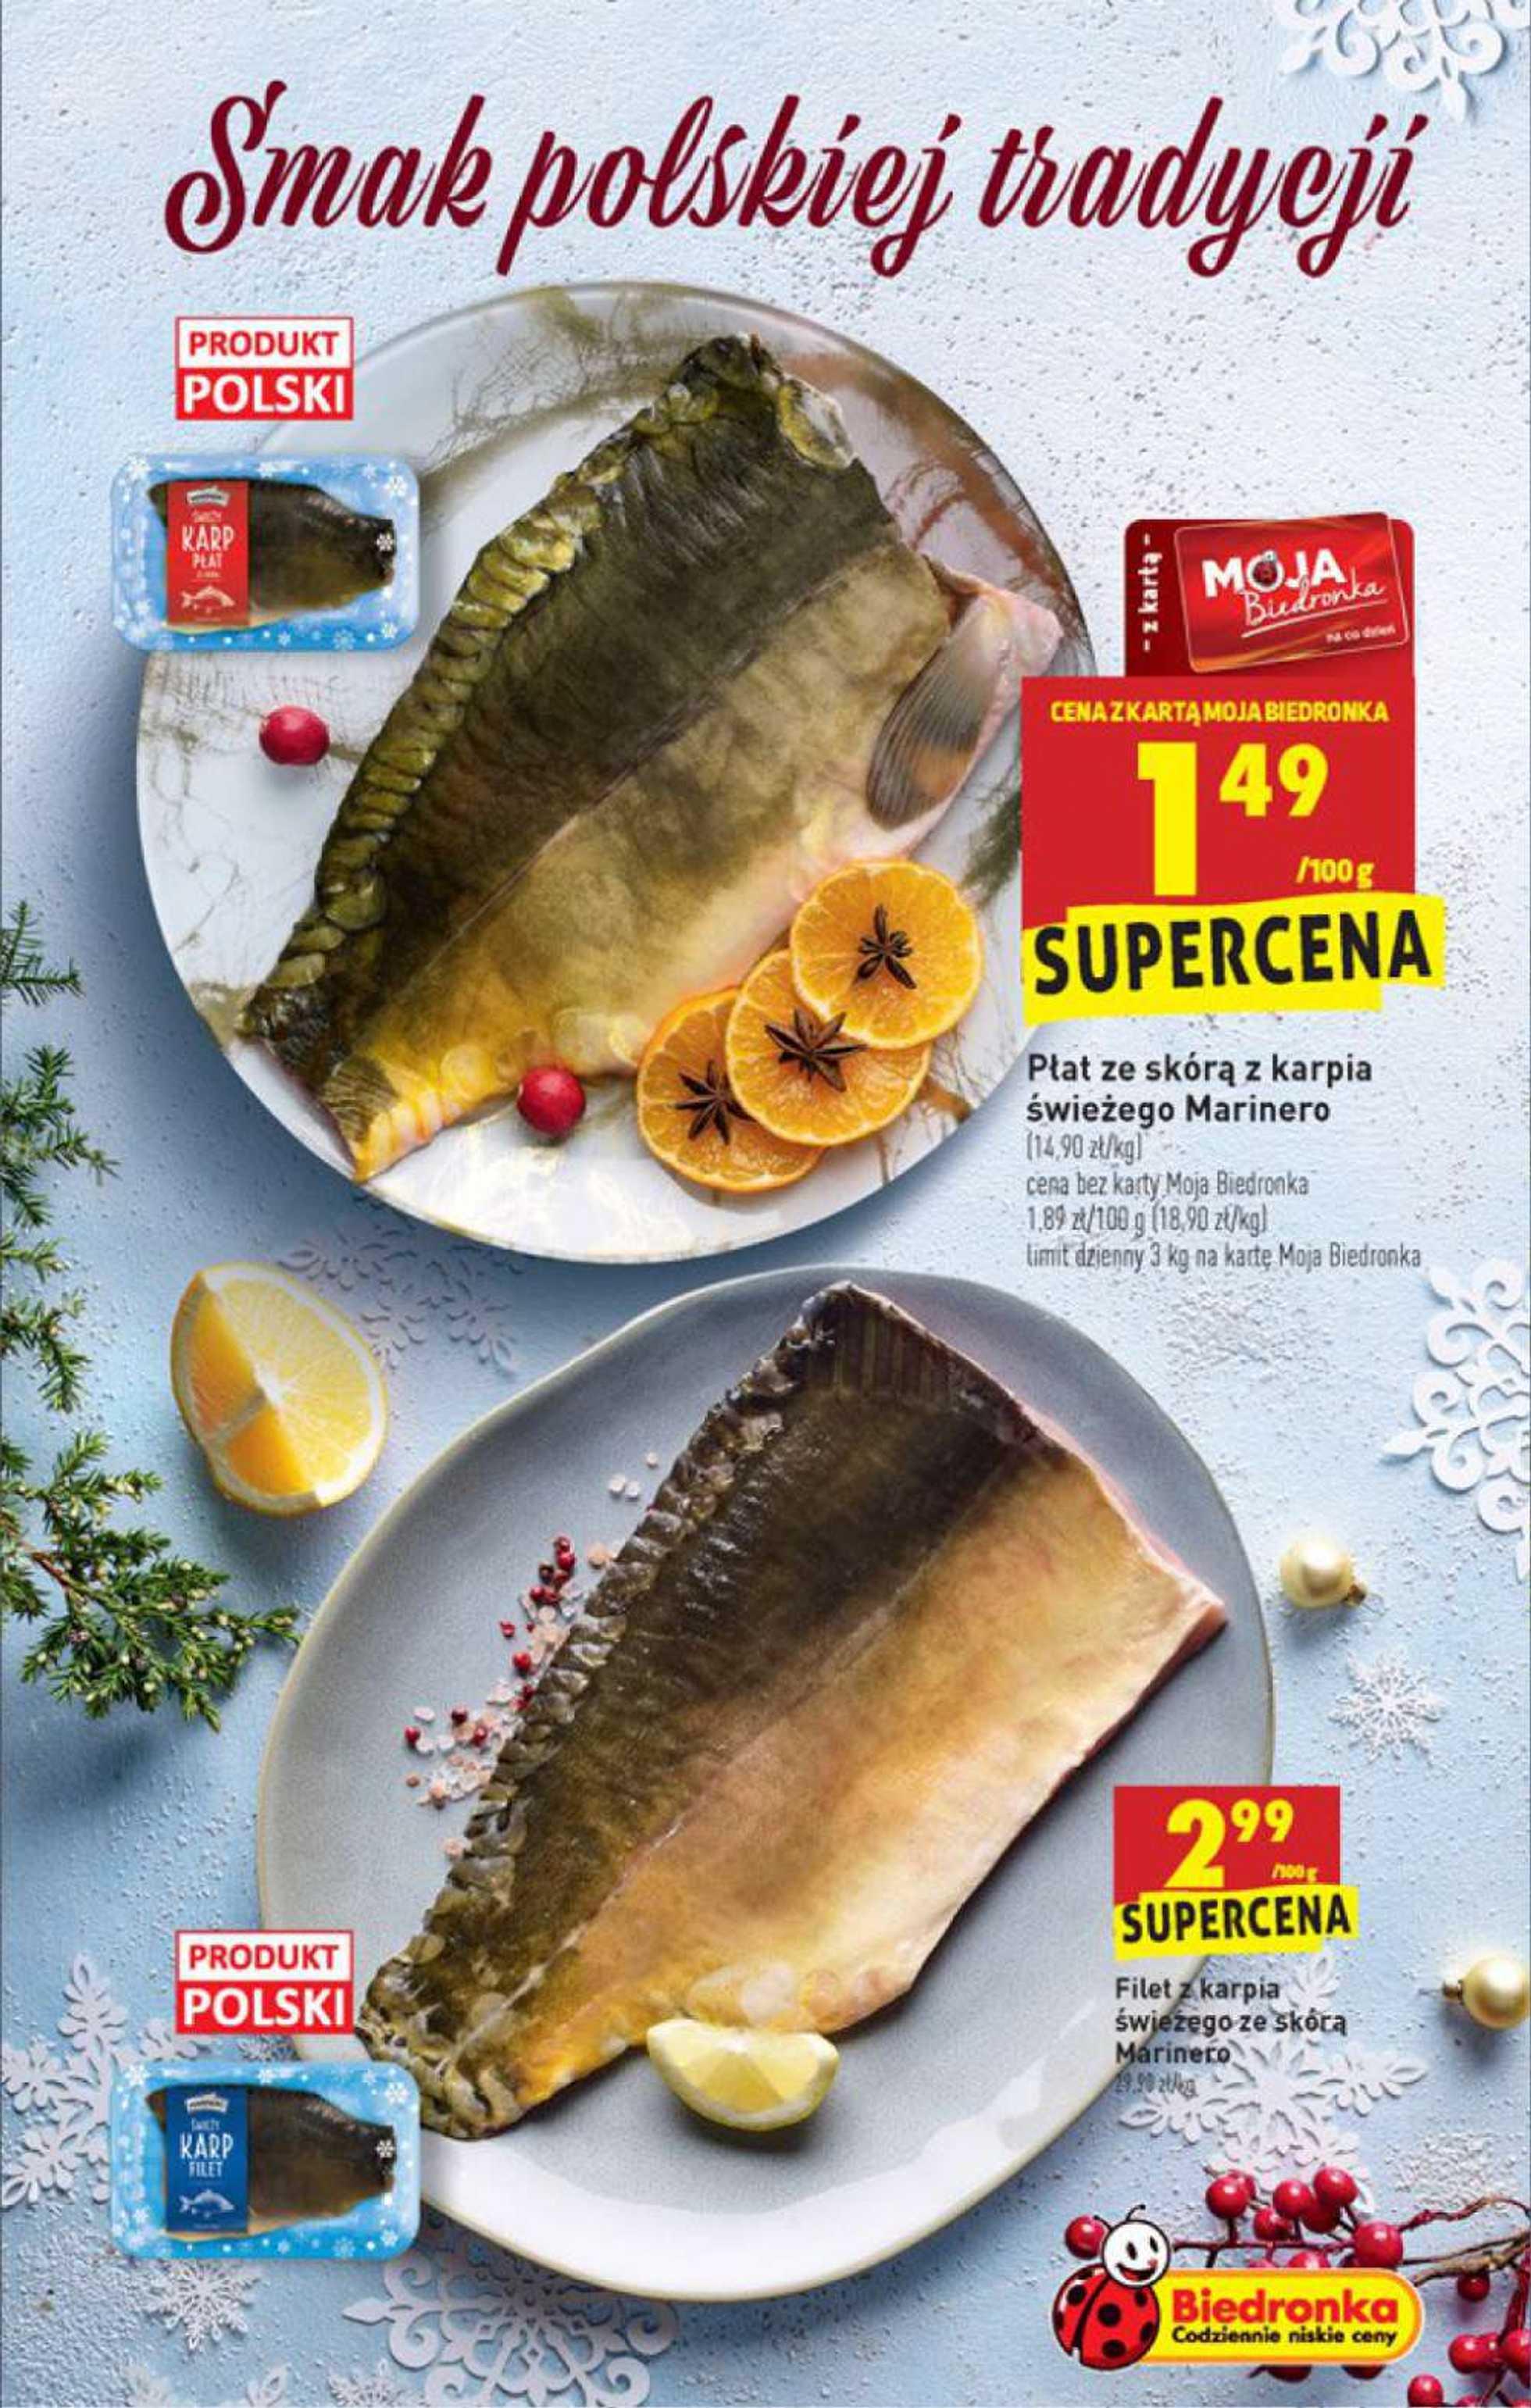 Biedronka - gazetka promocyjna ważna od 21.12.2020 do 24.12.2020 - strona 3.